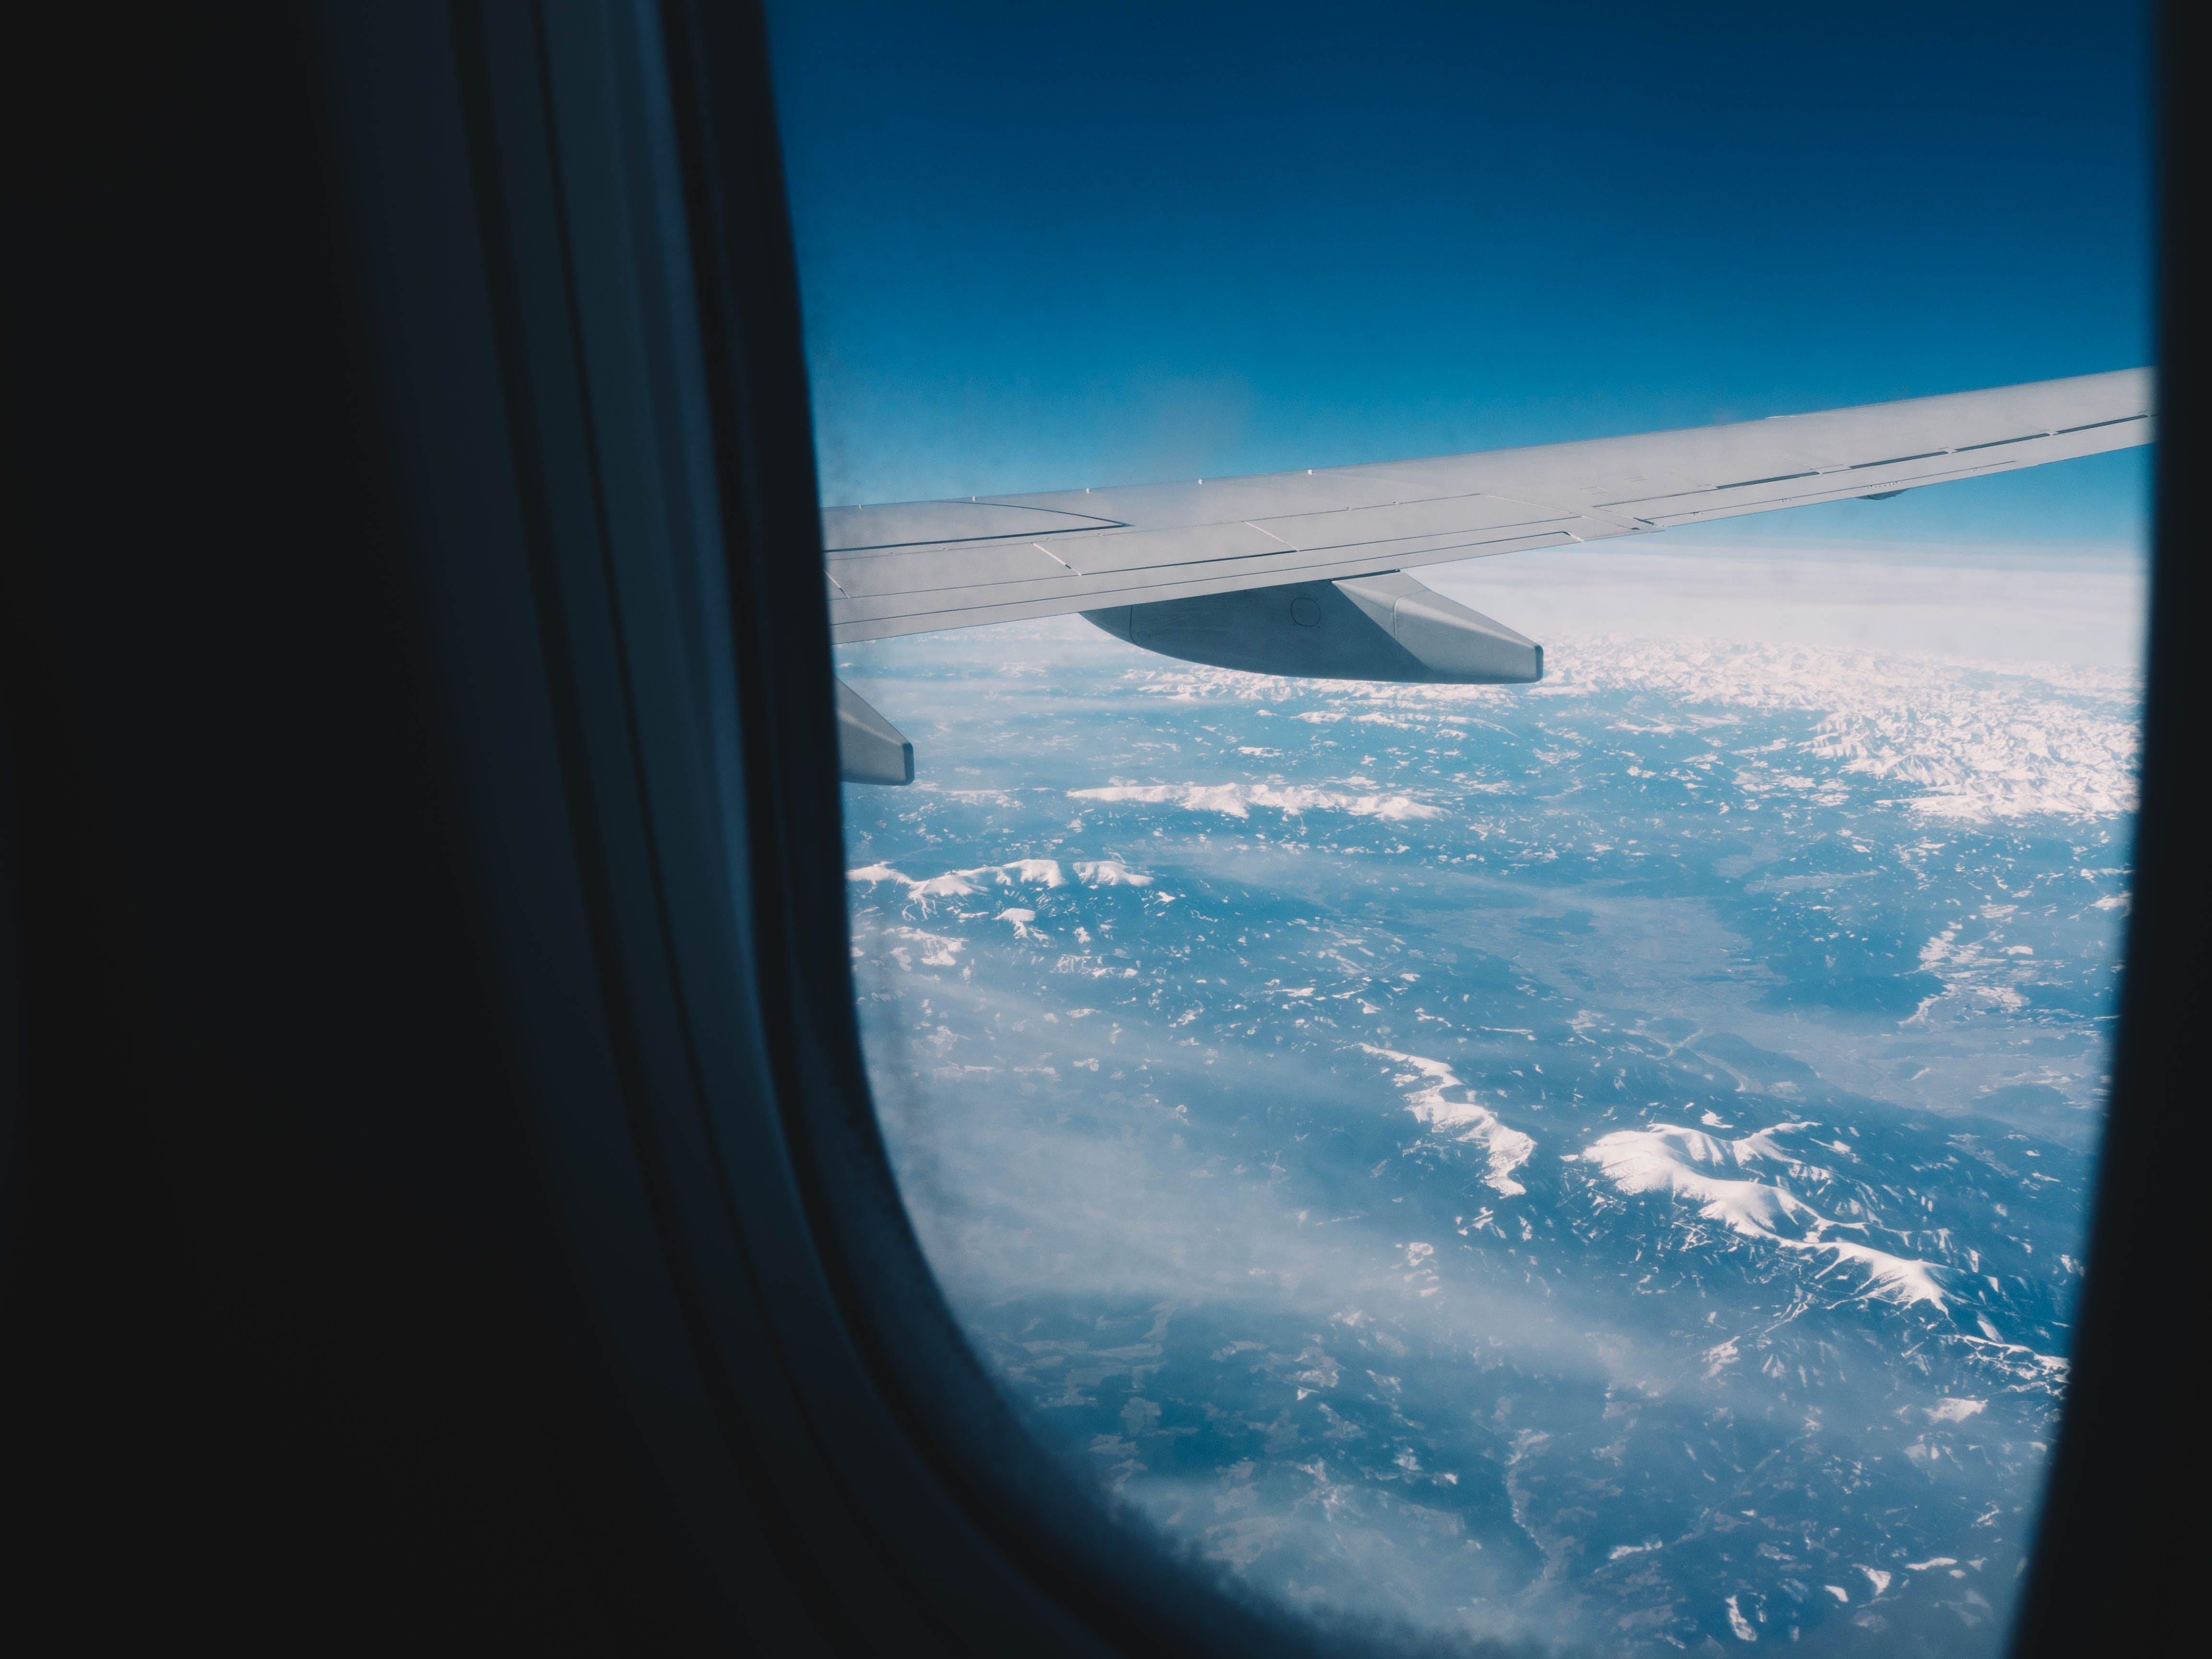 aviate, 交通系統, 天空, 日光 的 免費圖庫相片